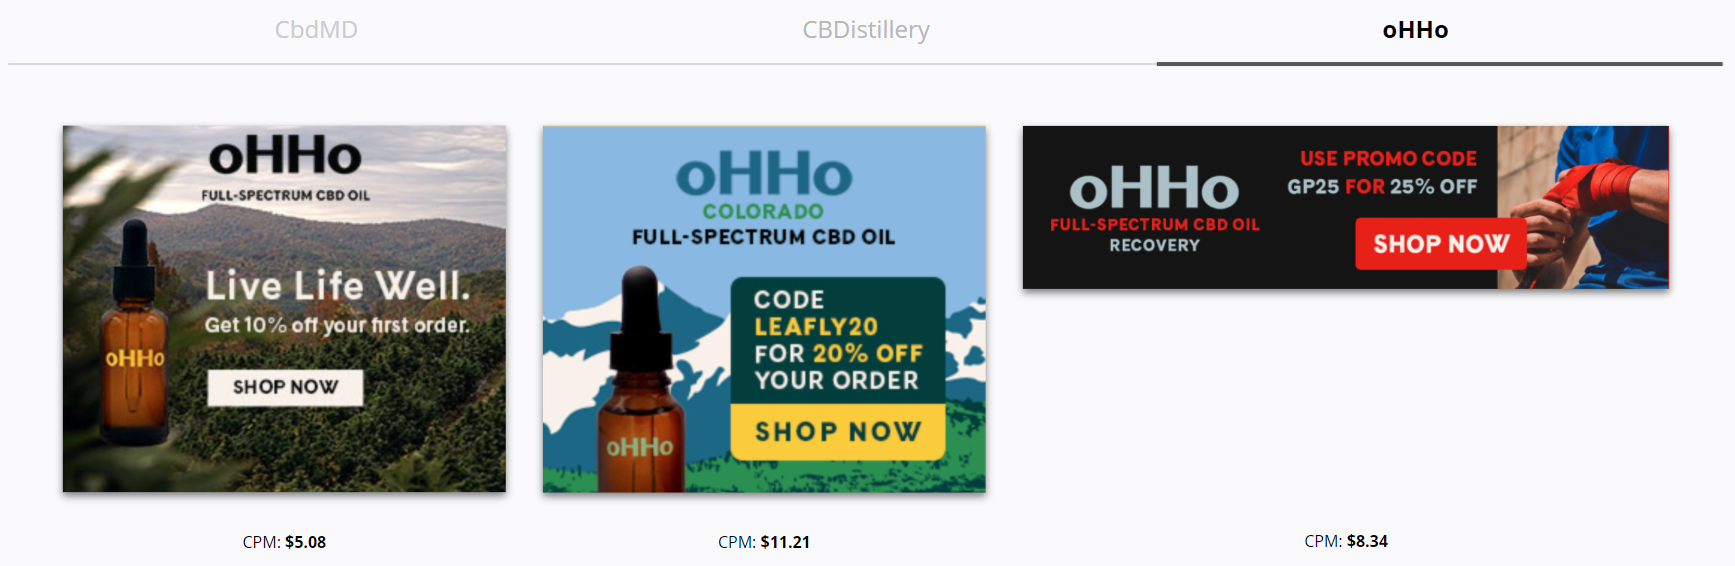 OHHo Botanicals - Promo Codes